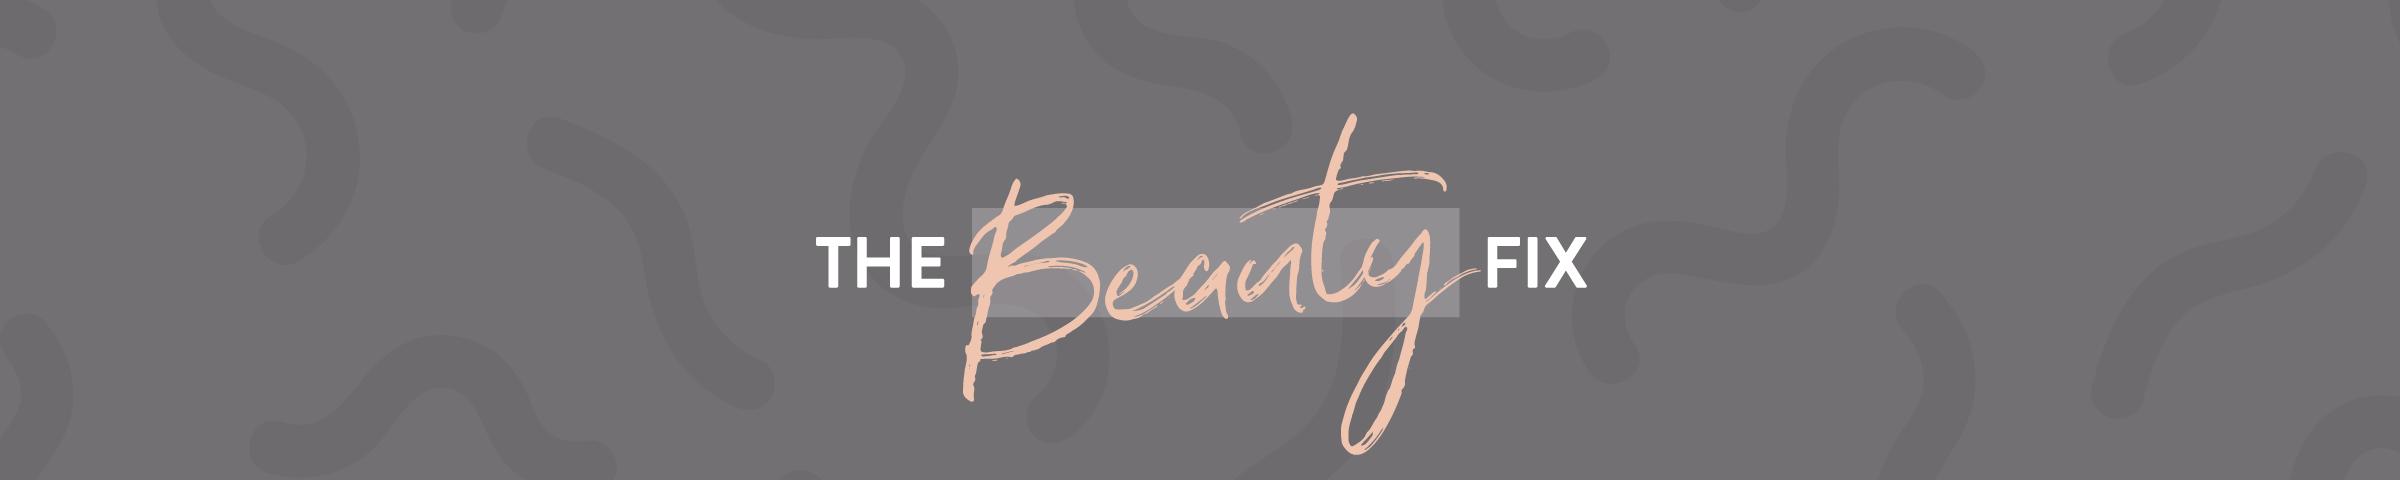 The Beauty Fix